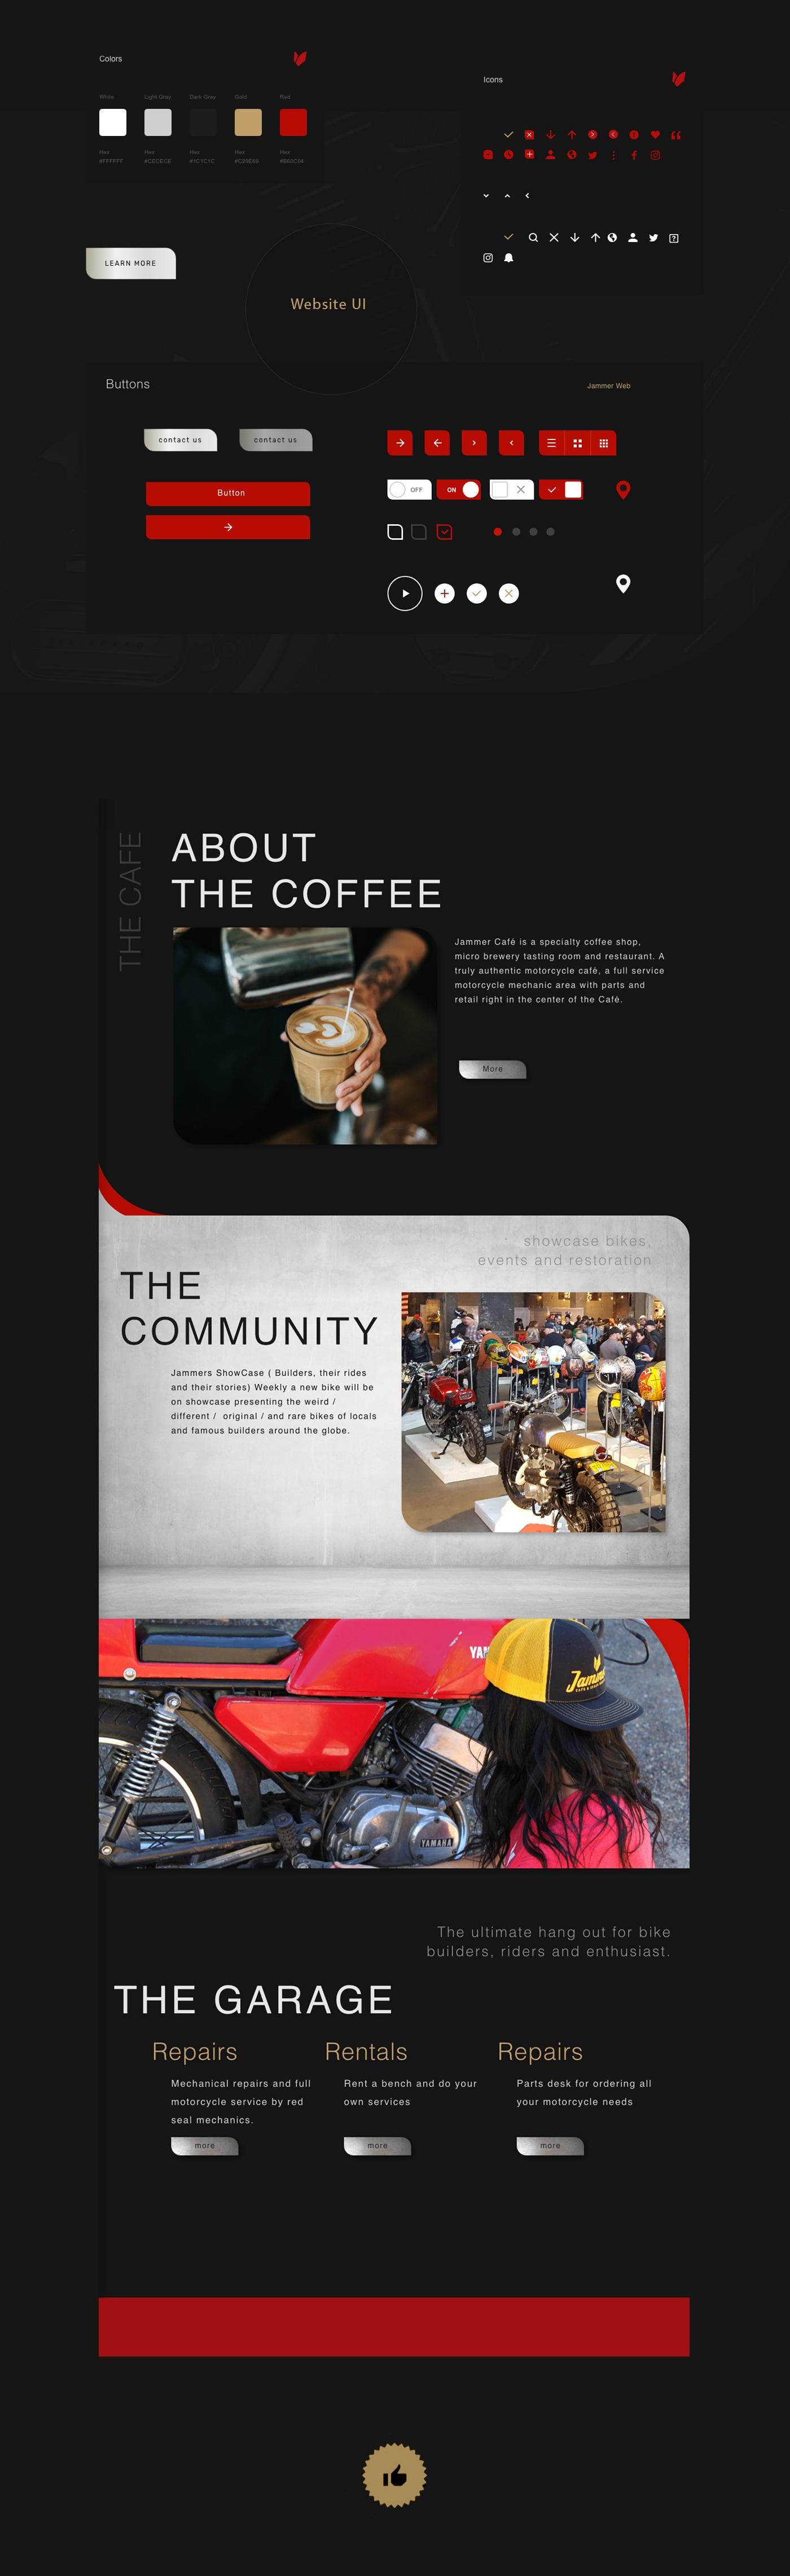 behance-jammer-layout-1.jpg